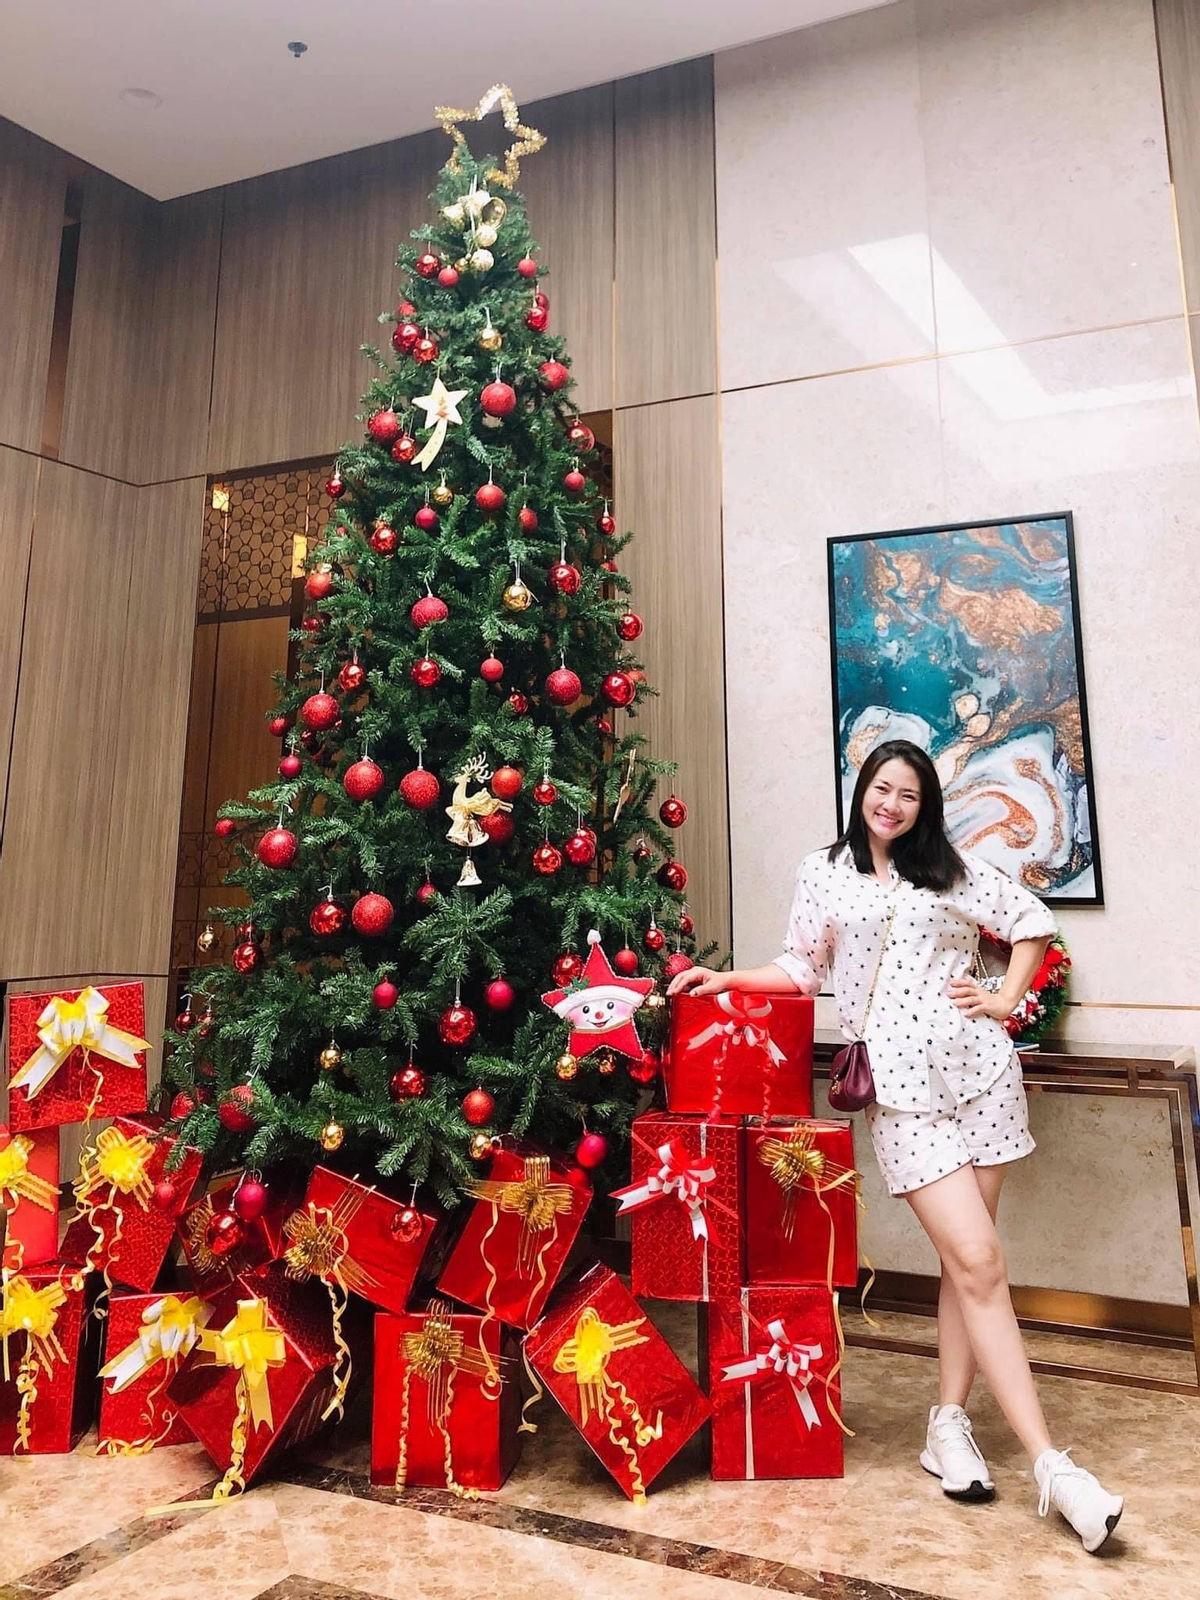 """Sao Việt trang trí nhà sớm trước thềm Noel: riêng cây thông hoành tráng trong biệt thự """"triệu đô"""" của Cường Đô La khiếm dân tình """"ngã ngửa"""" - Ảnh 5."""